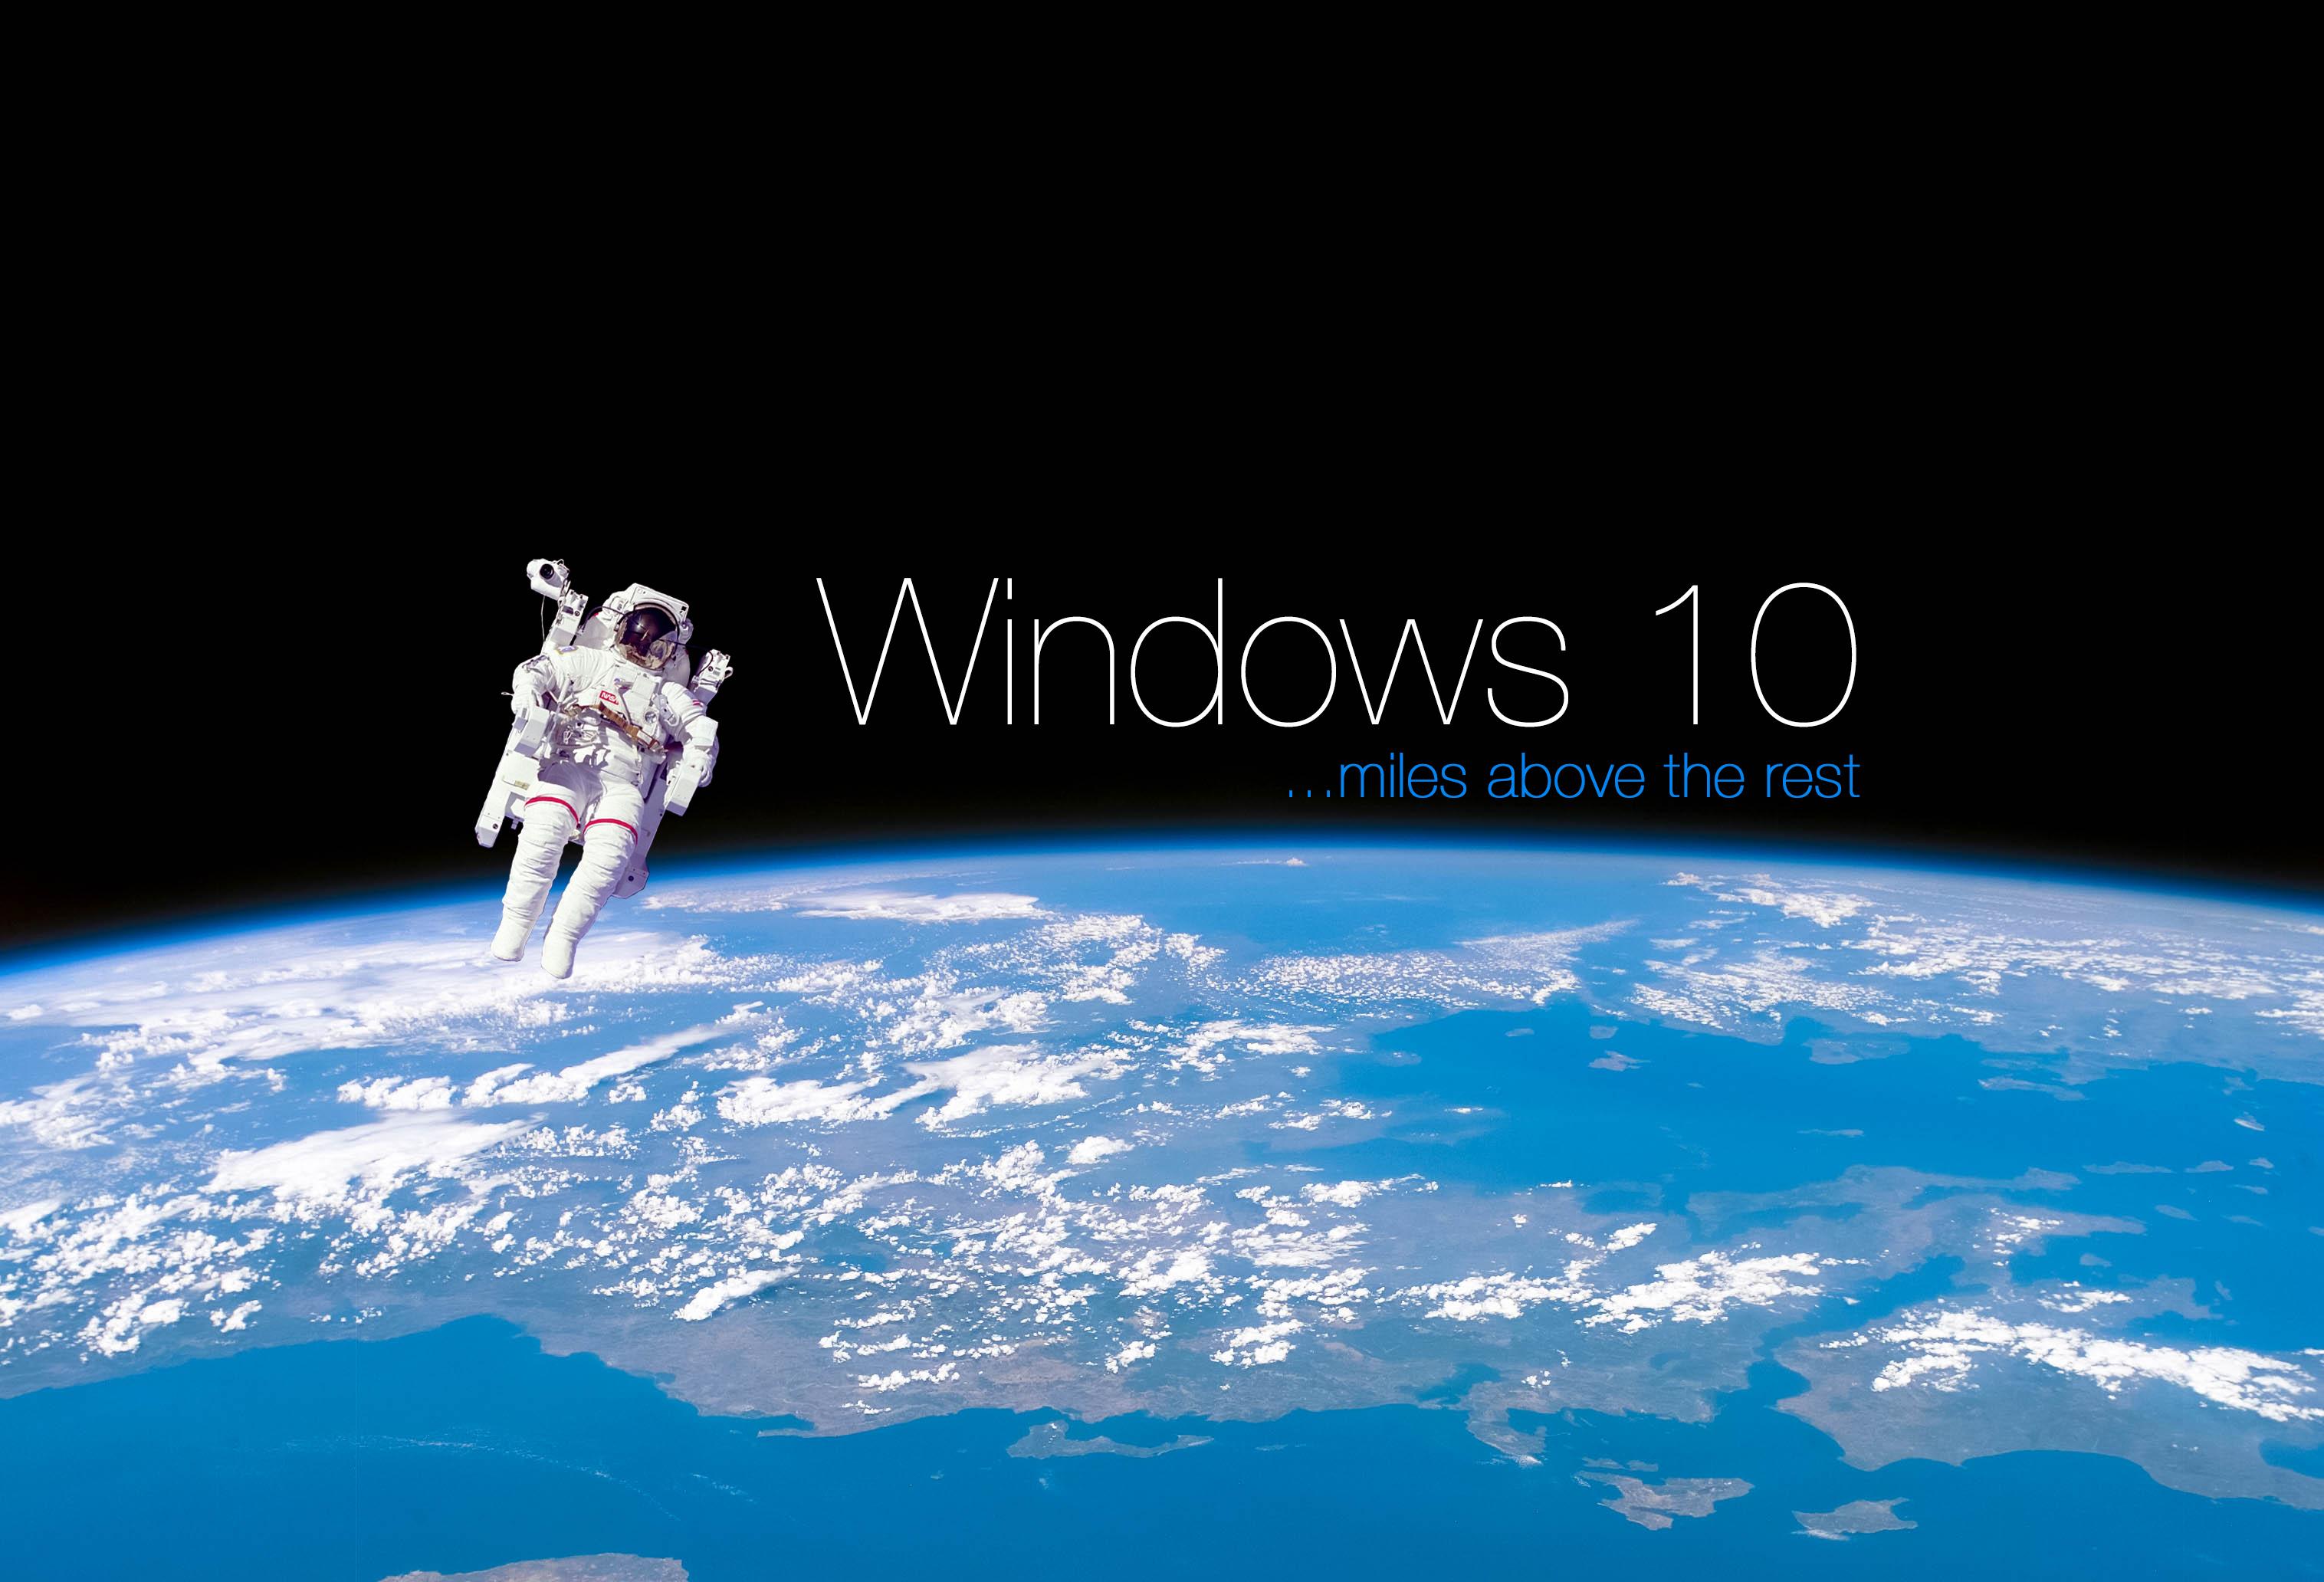 Latest Windows 10 Hd Desktop Background Hd Wallpaper